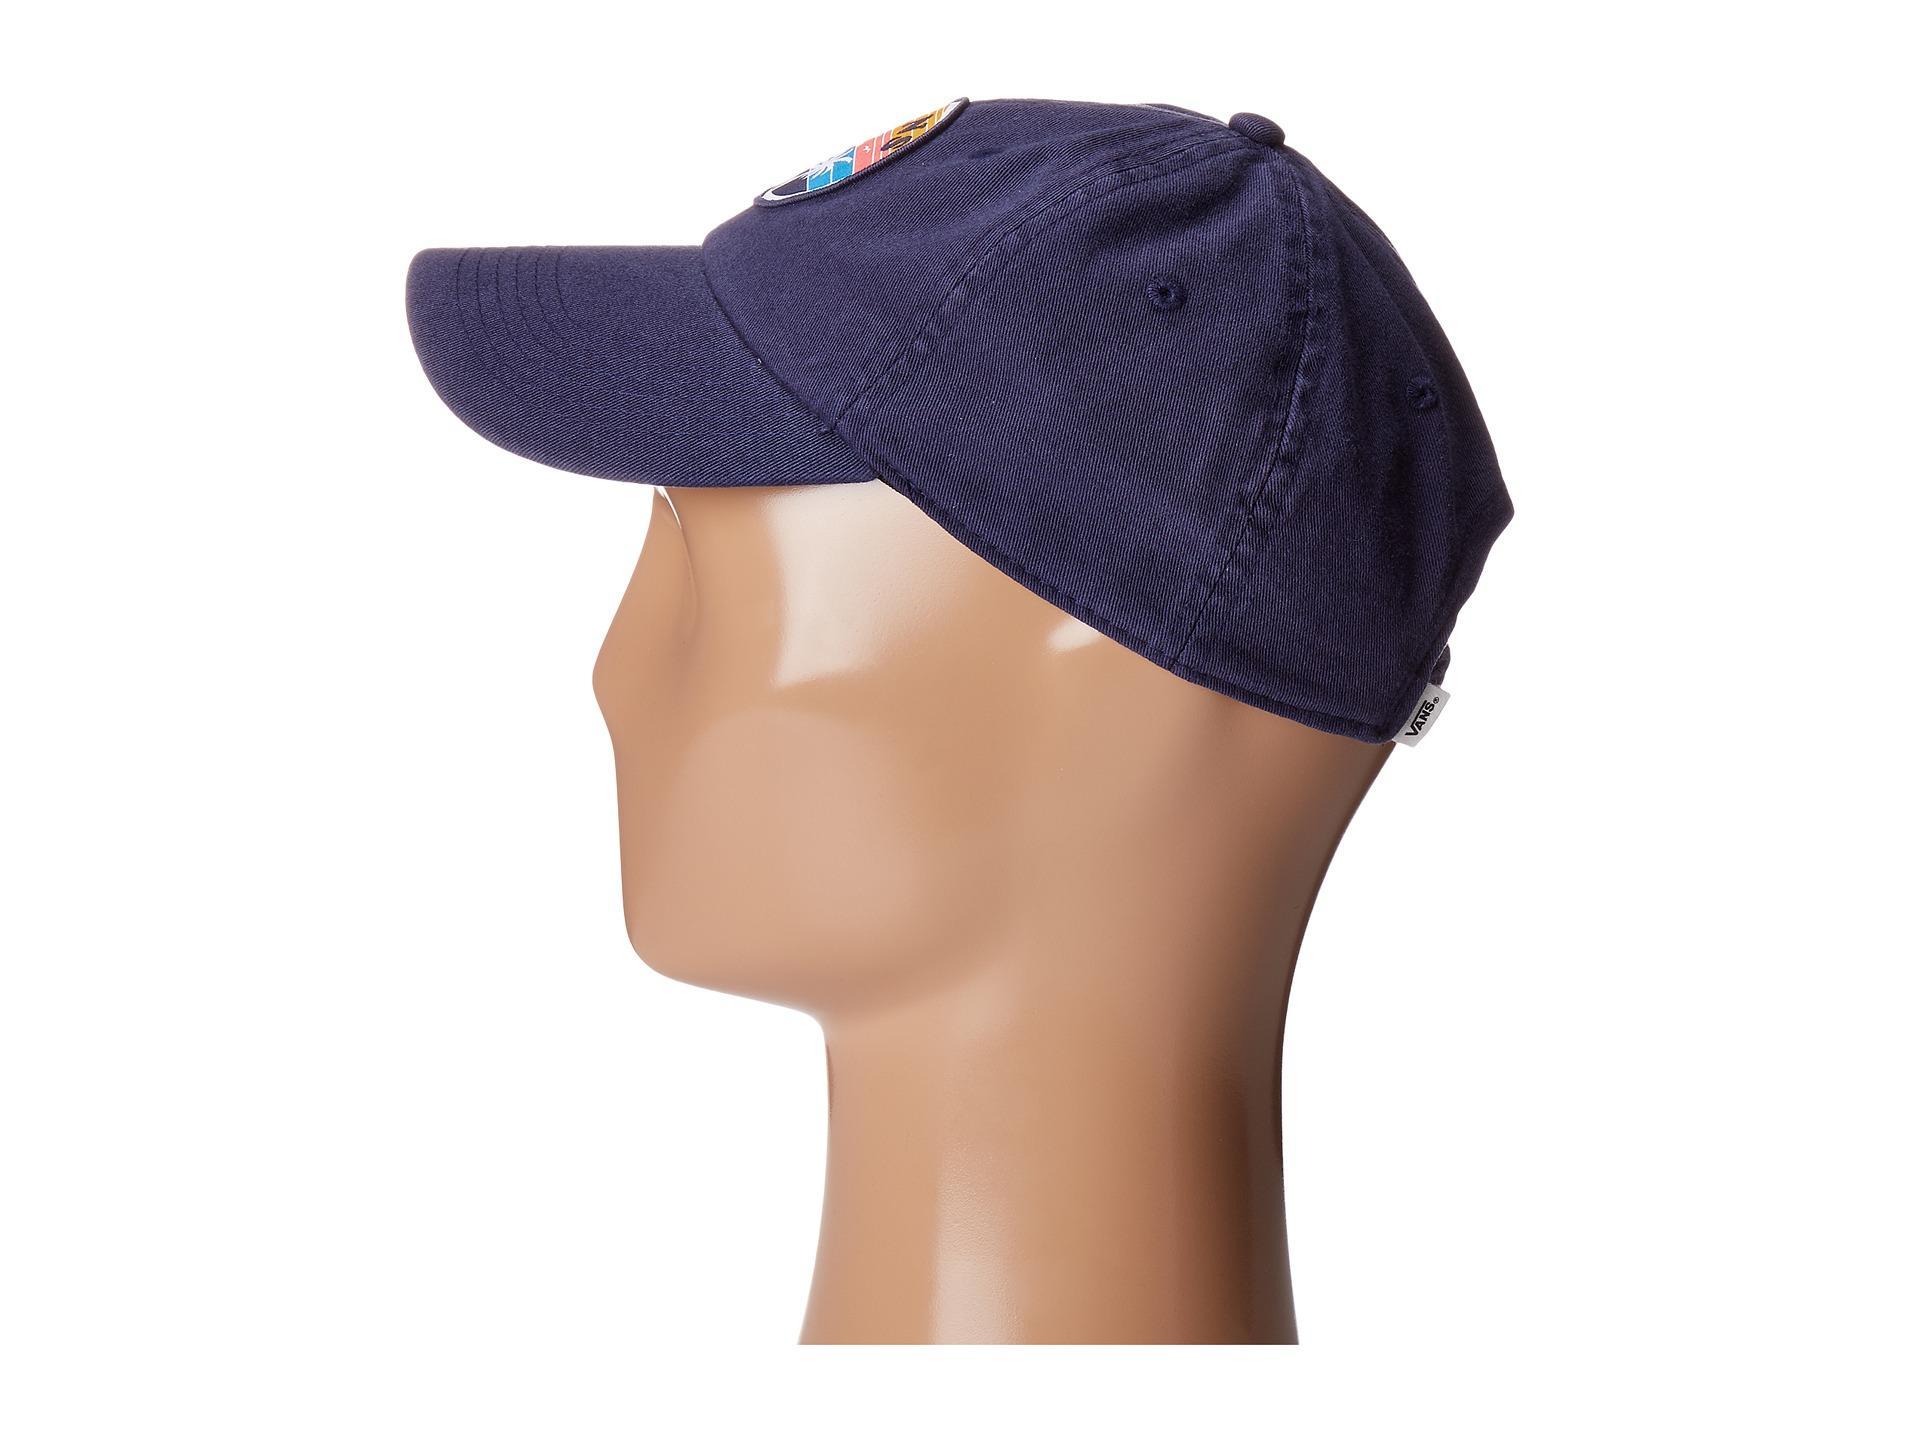 effb4cb044f158 Lyst - Vans Court Side Hat in Blue for Men